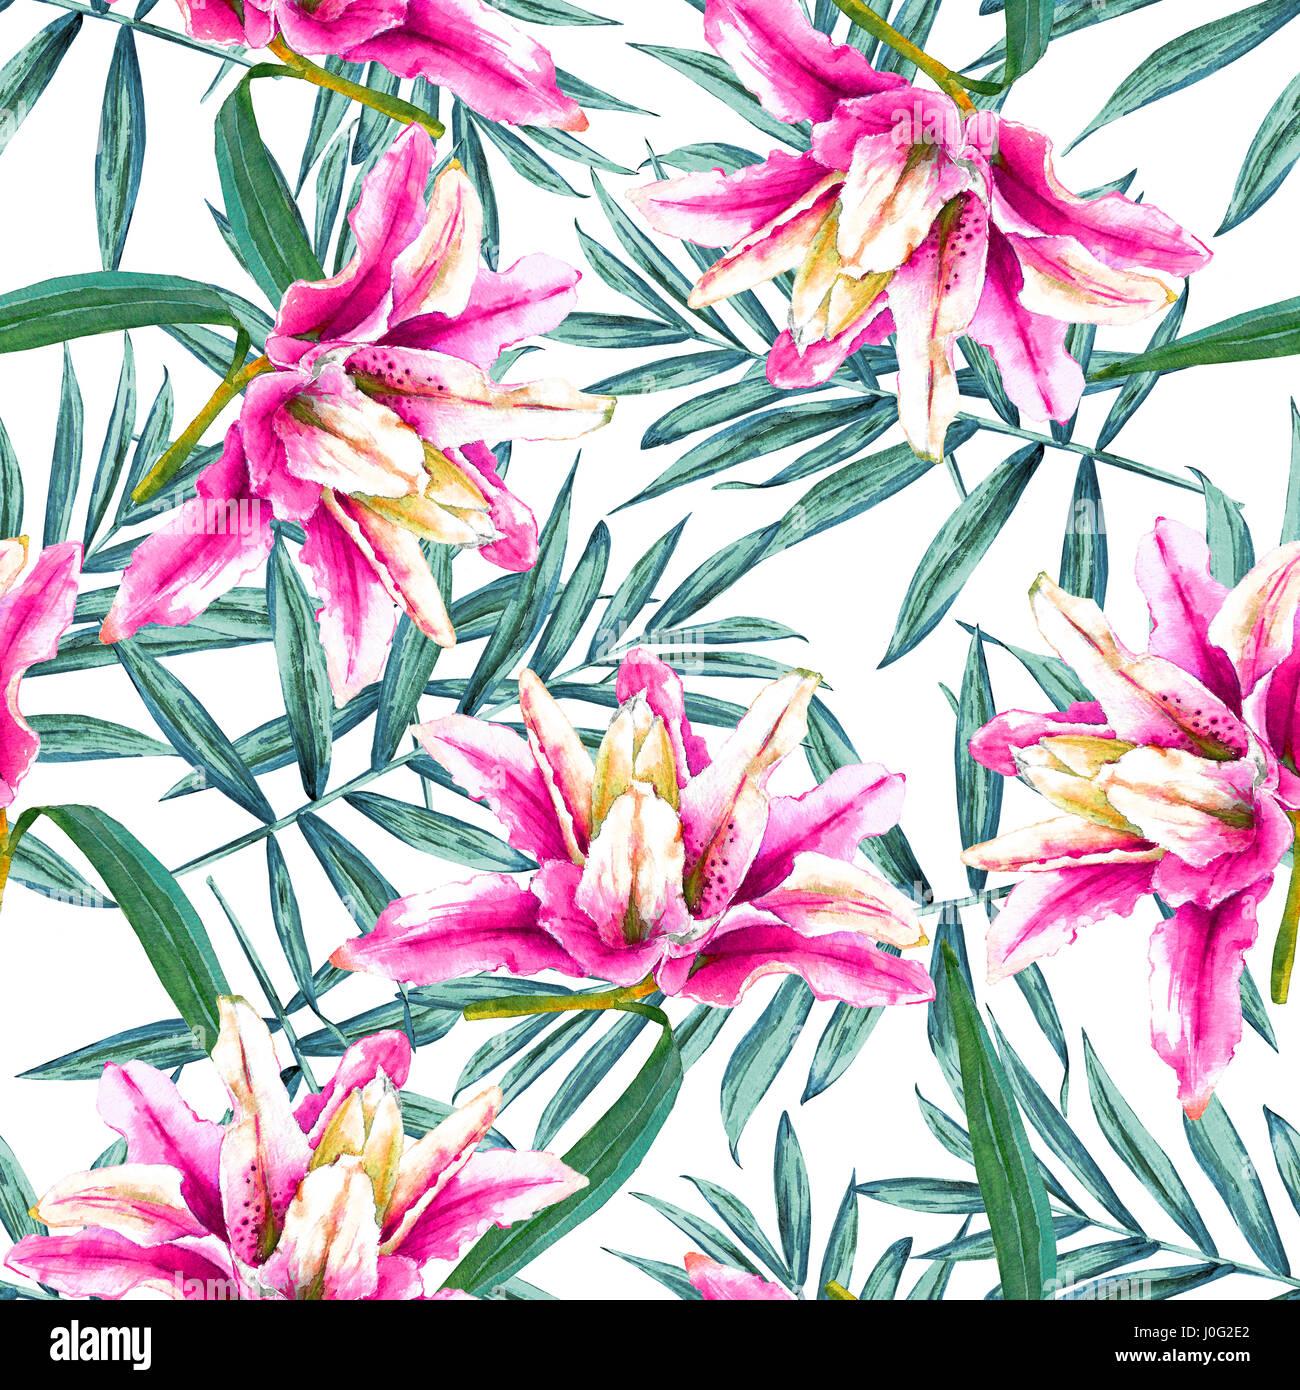 Nahtlose tropischen Blumenmuster. Aquarell exotische Blüten in rosa Lilien und Palmzweige auf weißem Hintergrund. Stockbild